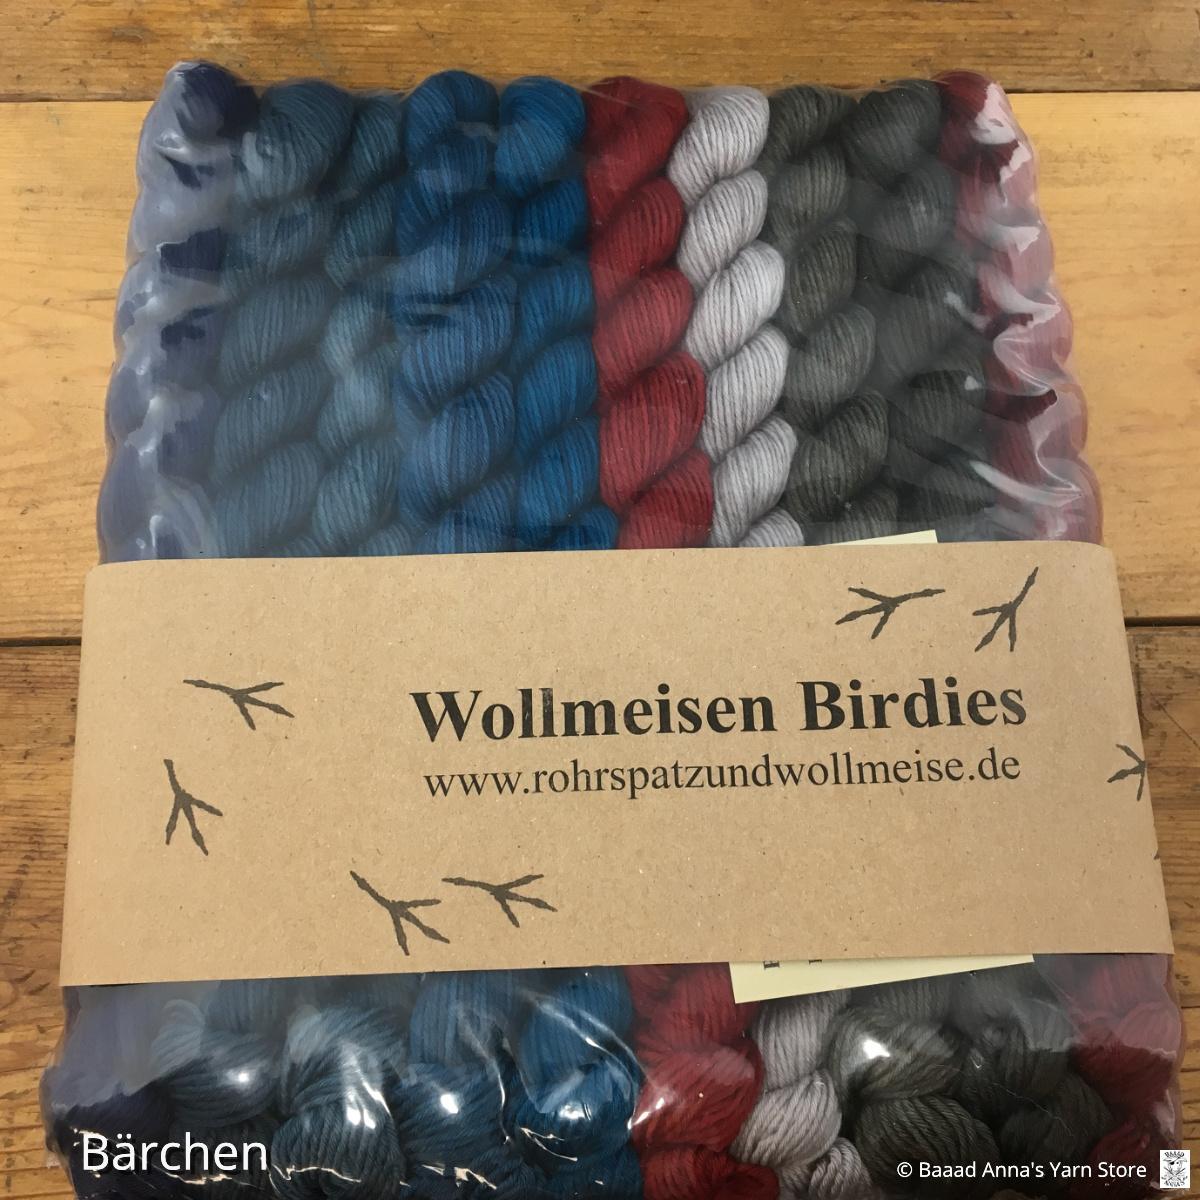 Rohrspatz & Wollmeise Wollmeise Twin Birdies 10pk